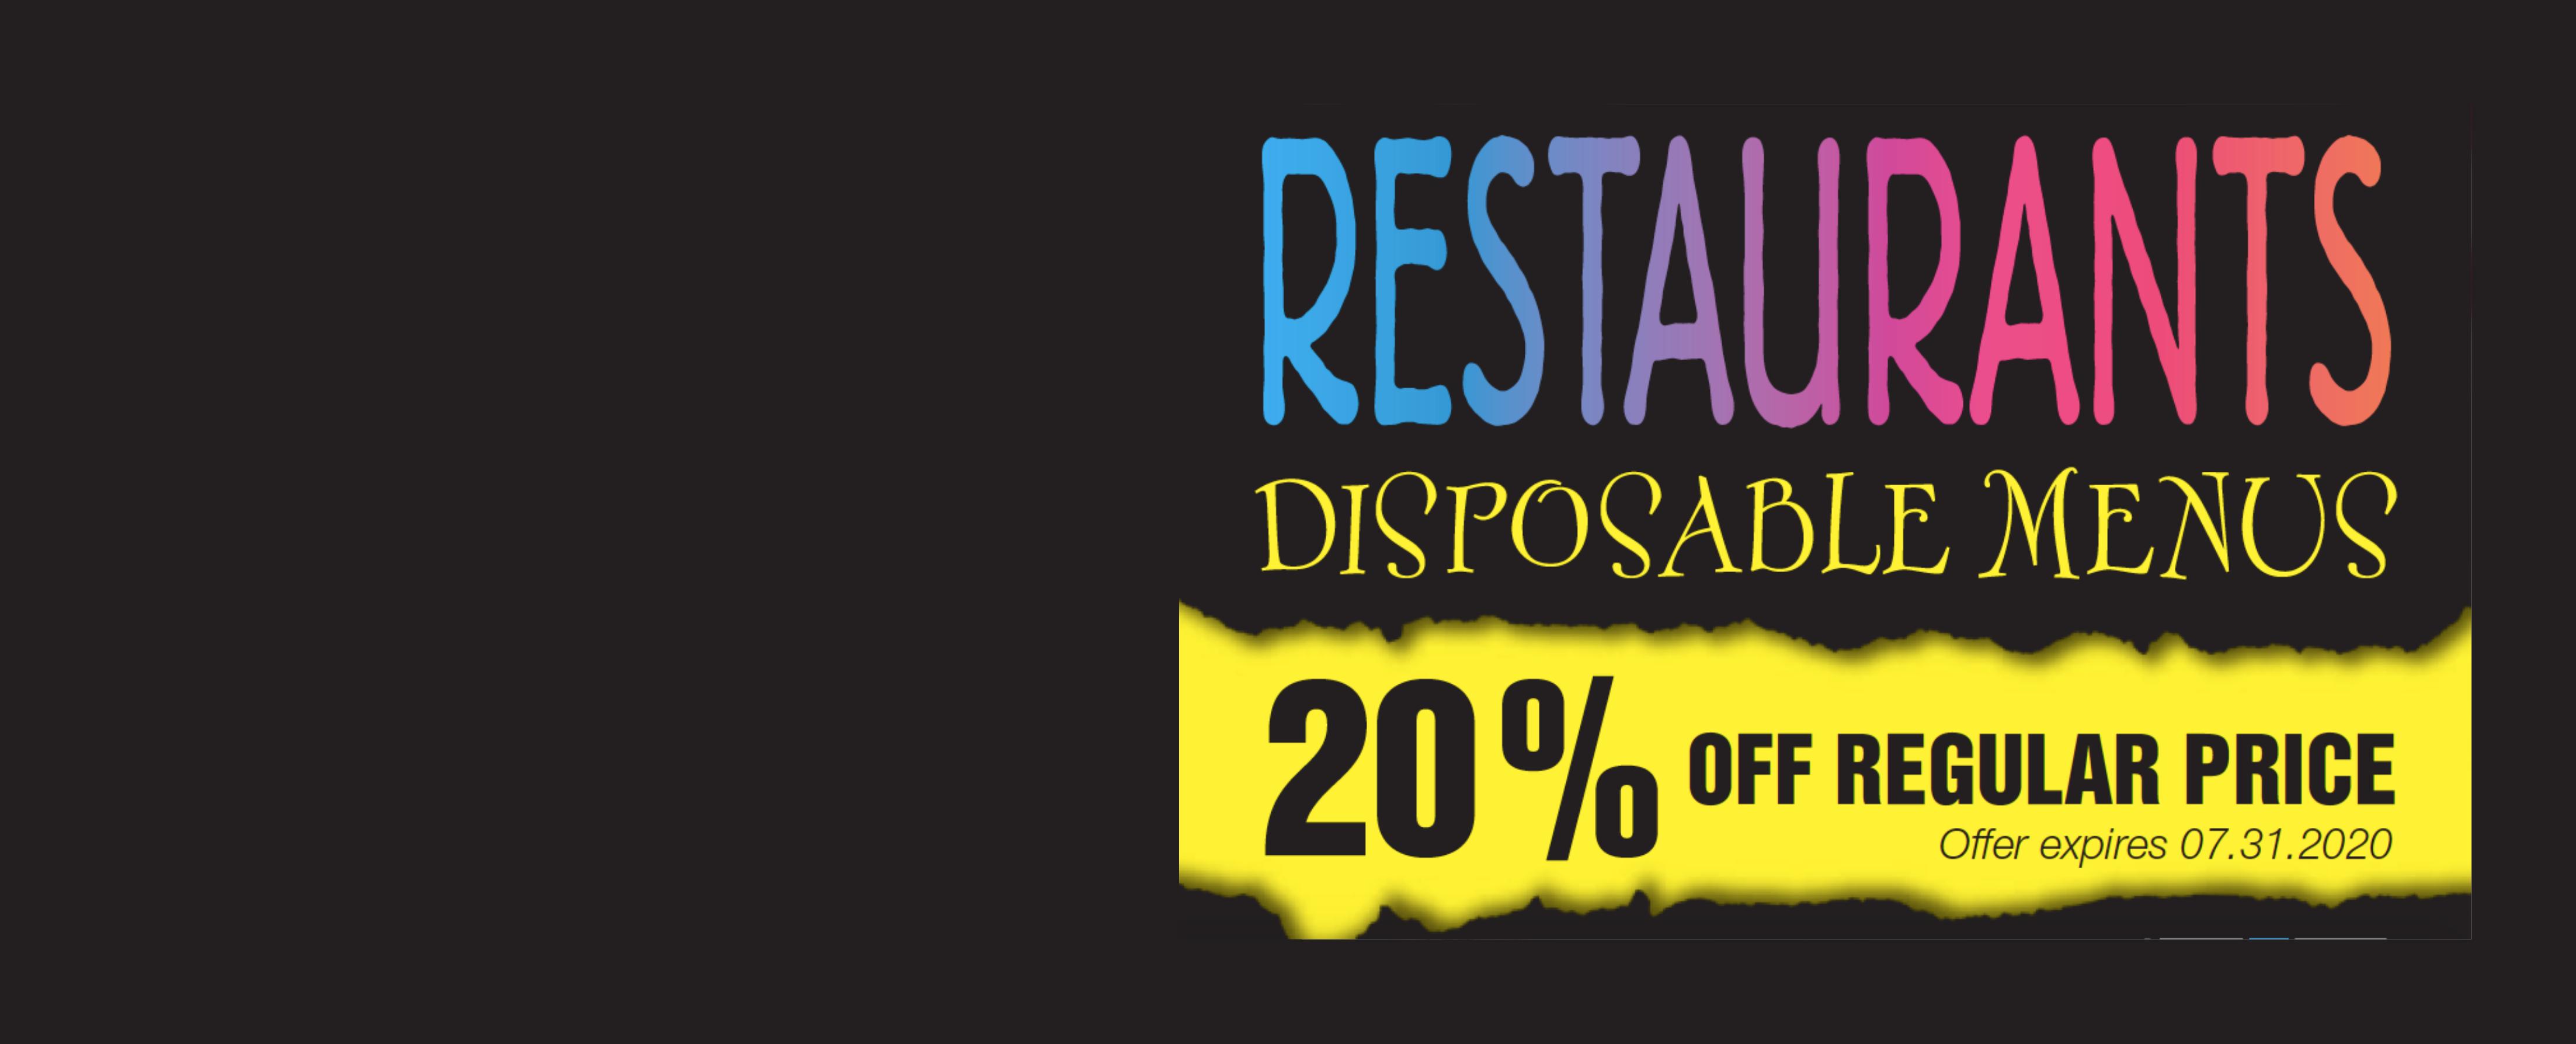 Disposable Menu Special